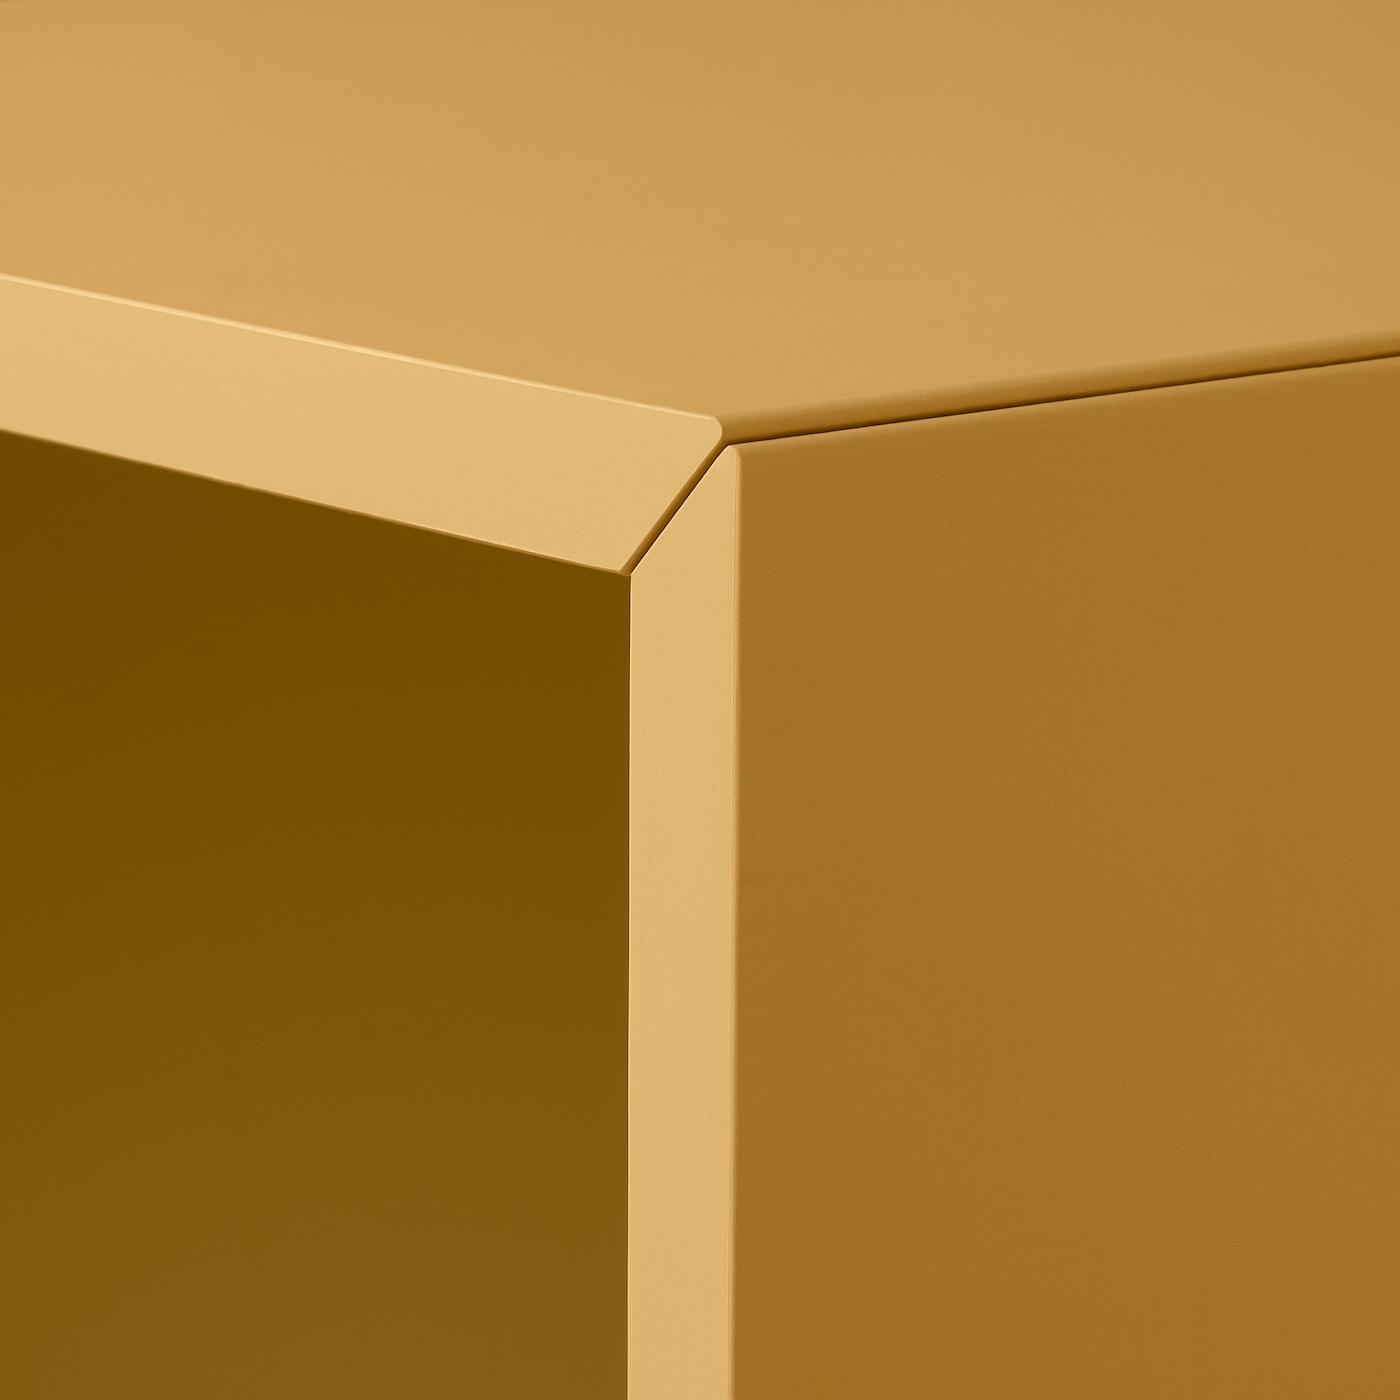 EKET Skab med 4 rum, gyldenbrun, 70x35x70 cm